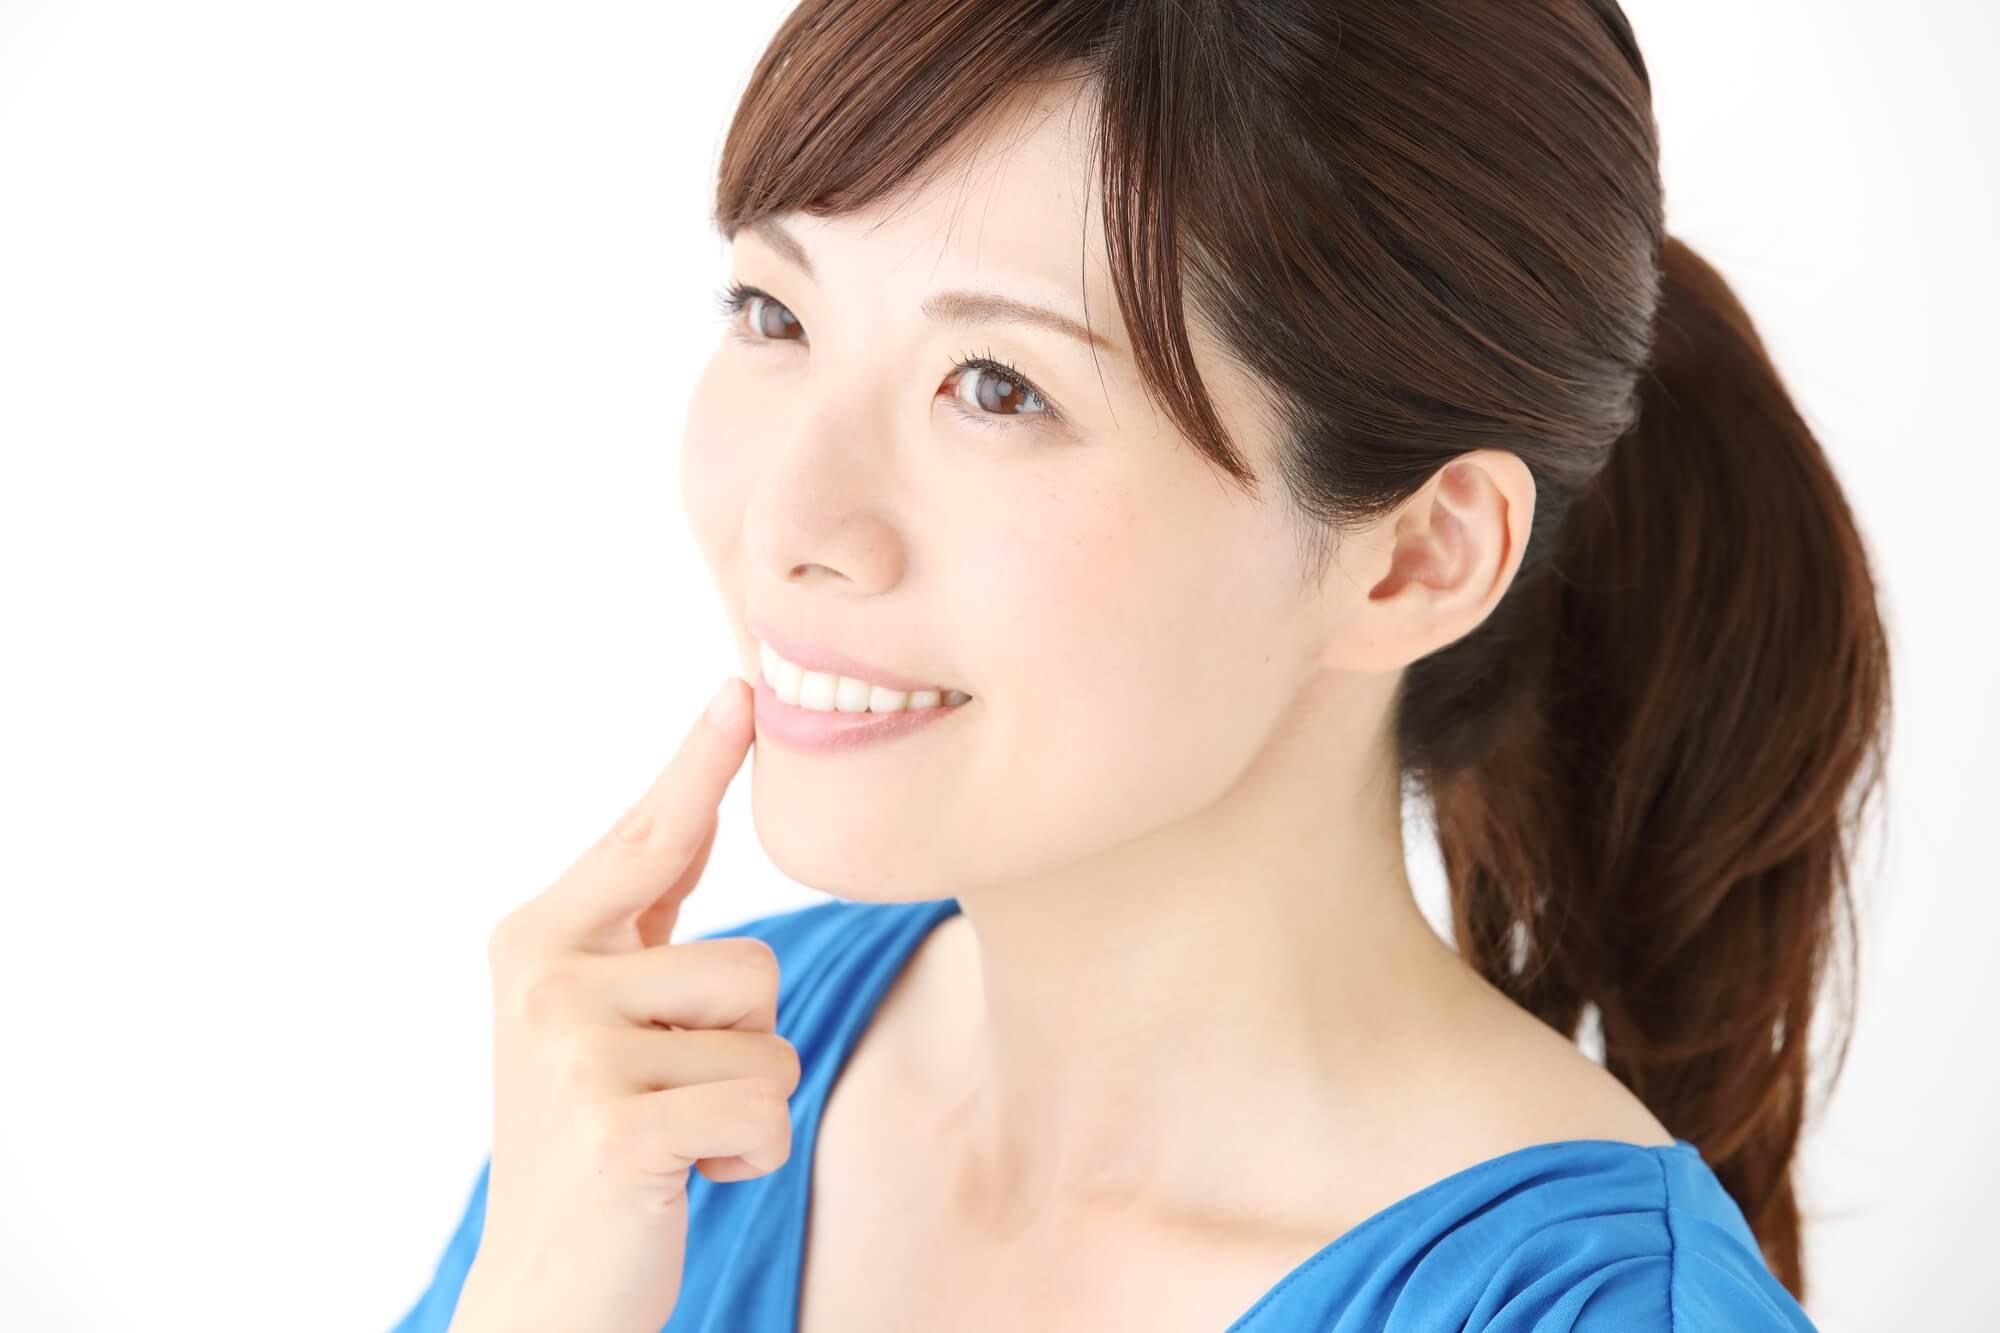 歯医者さんの口コミを掲載!勝どき駅から徒歩で通える矯正歯科